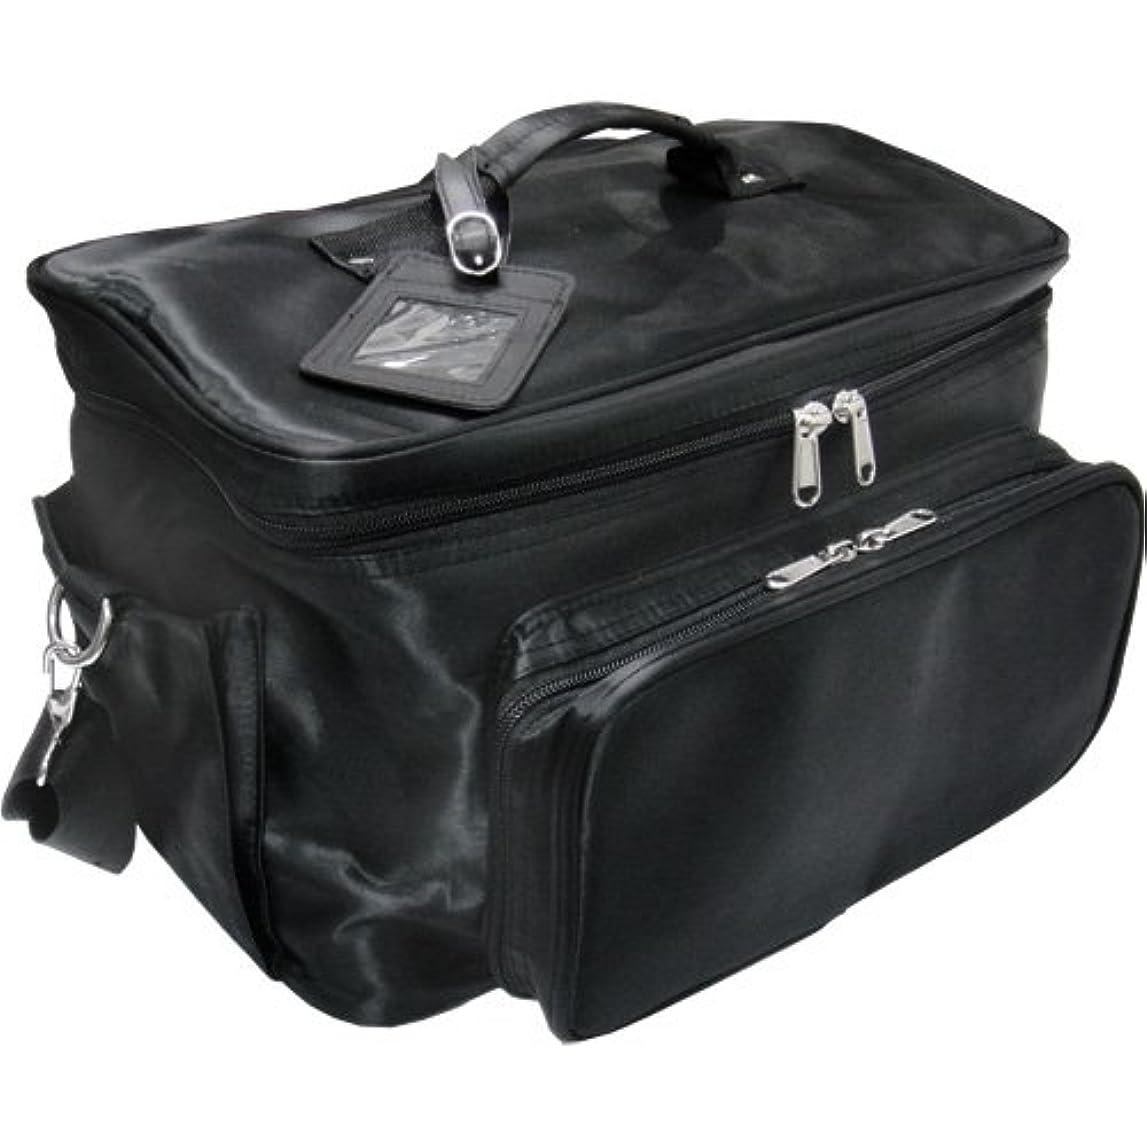 ファウル情報ブラインド軽量バニティーバック ブラック コスメバッグ、ネイルバッグ、ネイリストバッグ、ナイロンコスメボックス